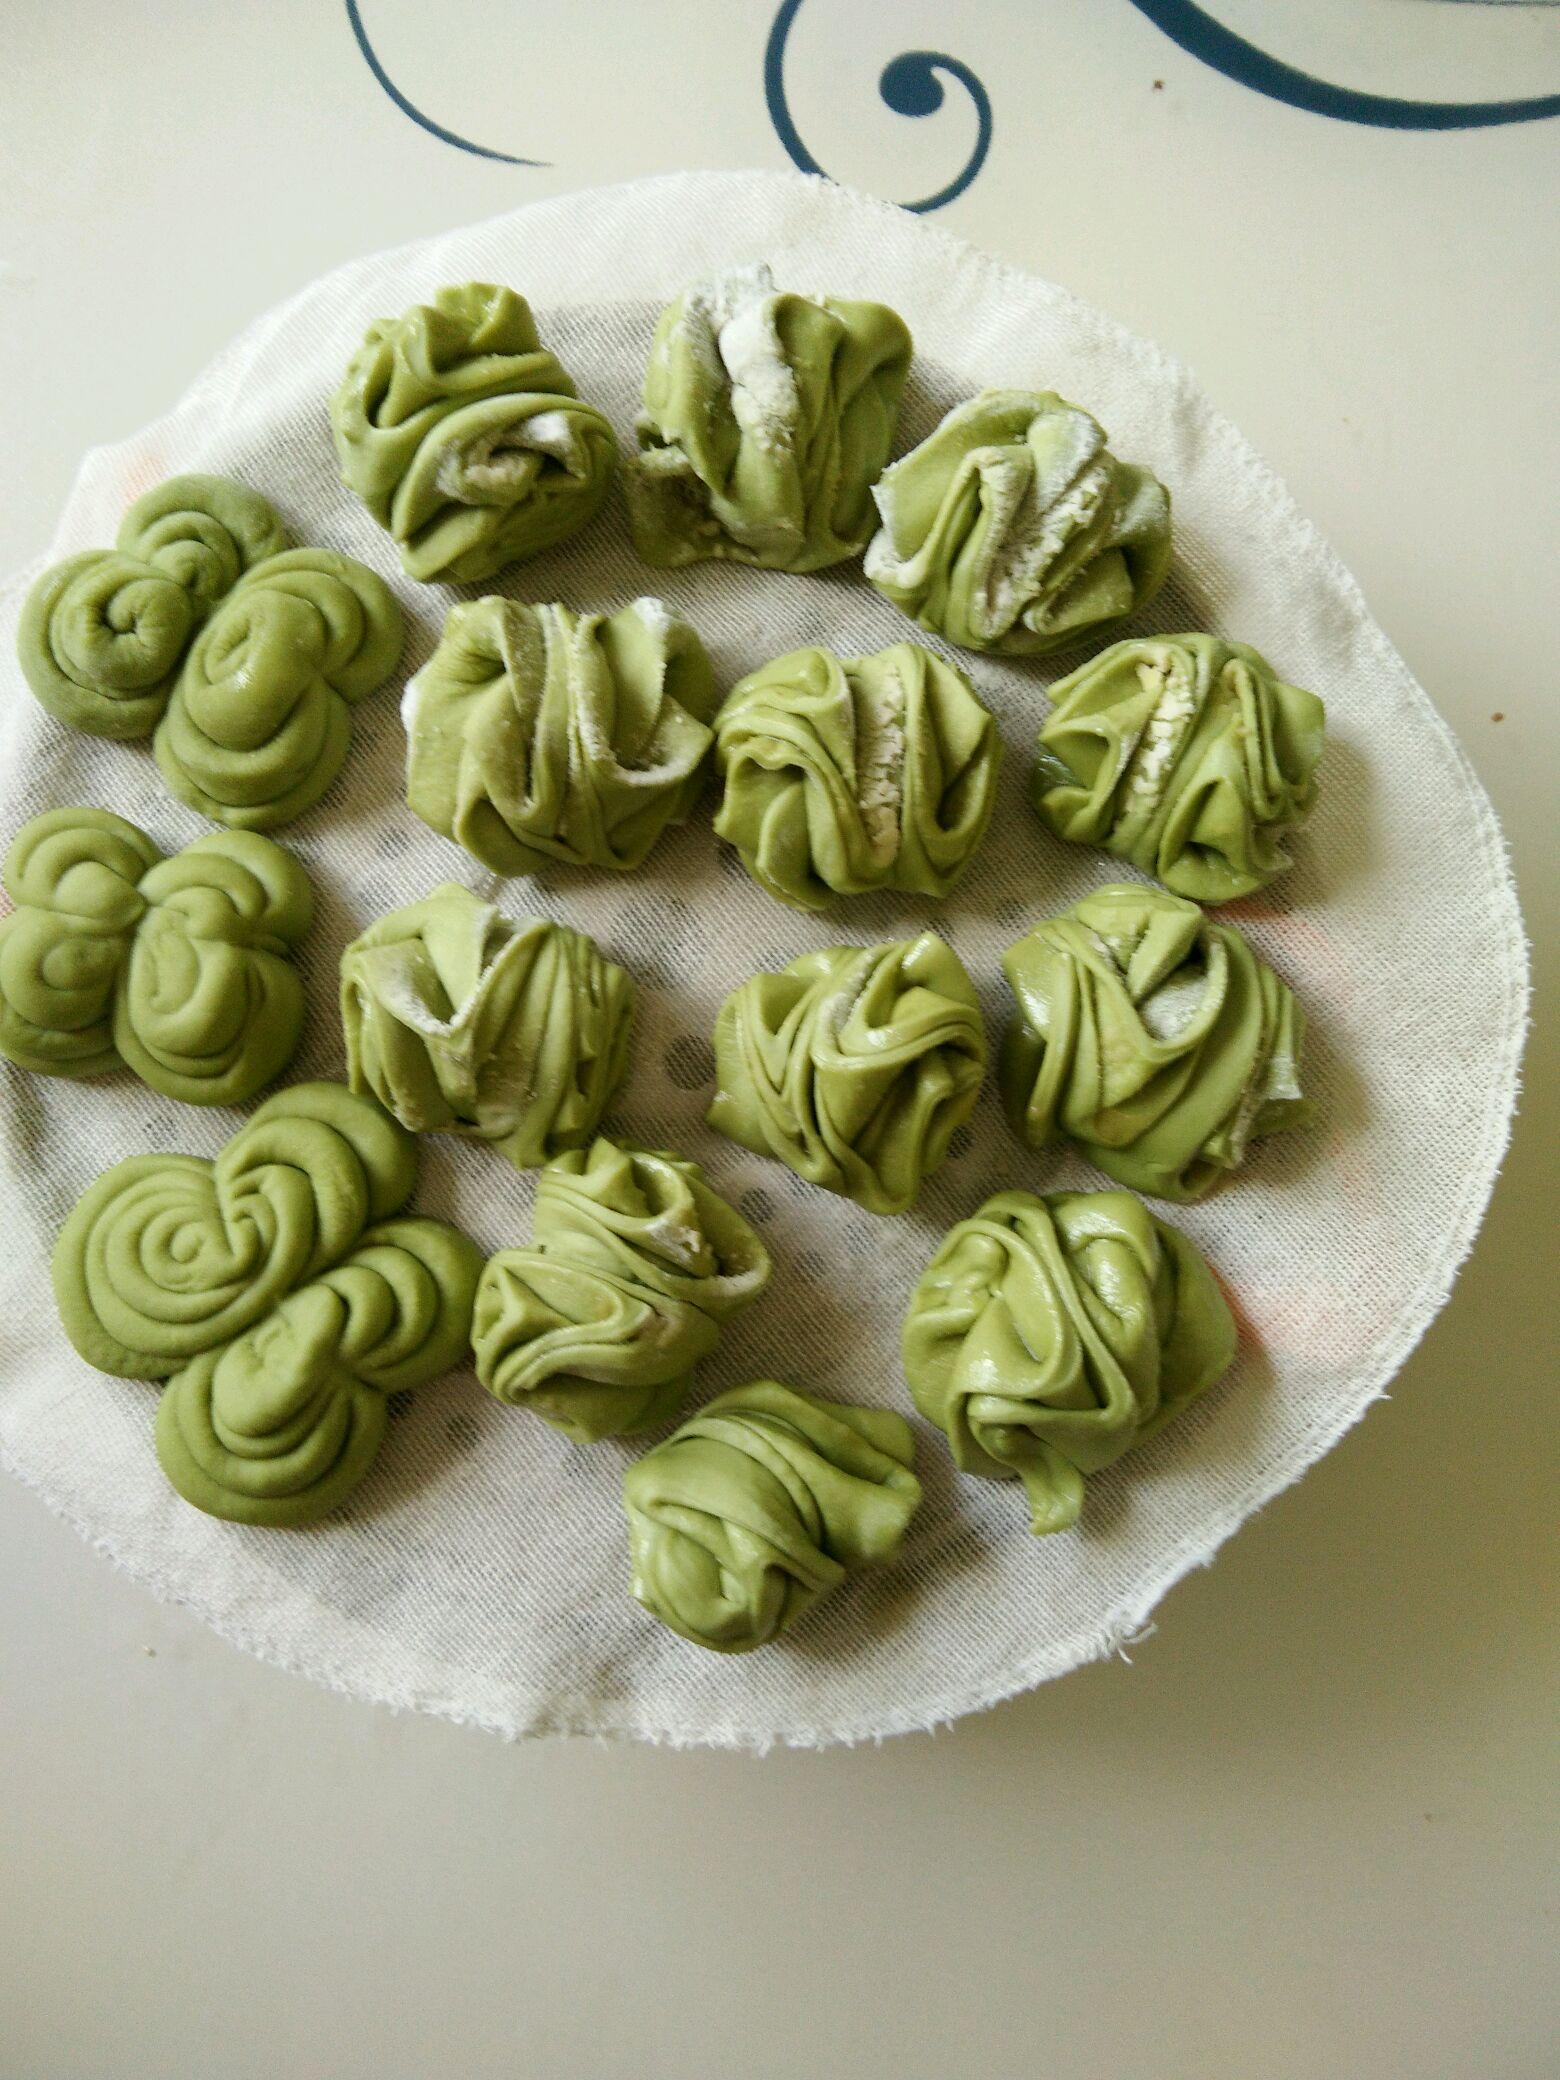 菠菜汁花卷的做法图解12